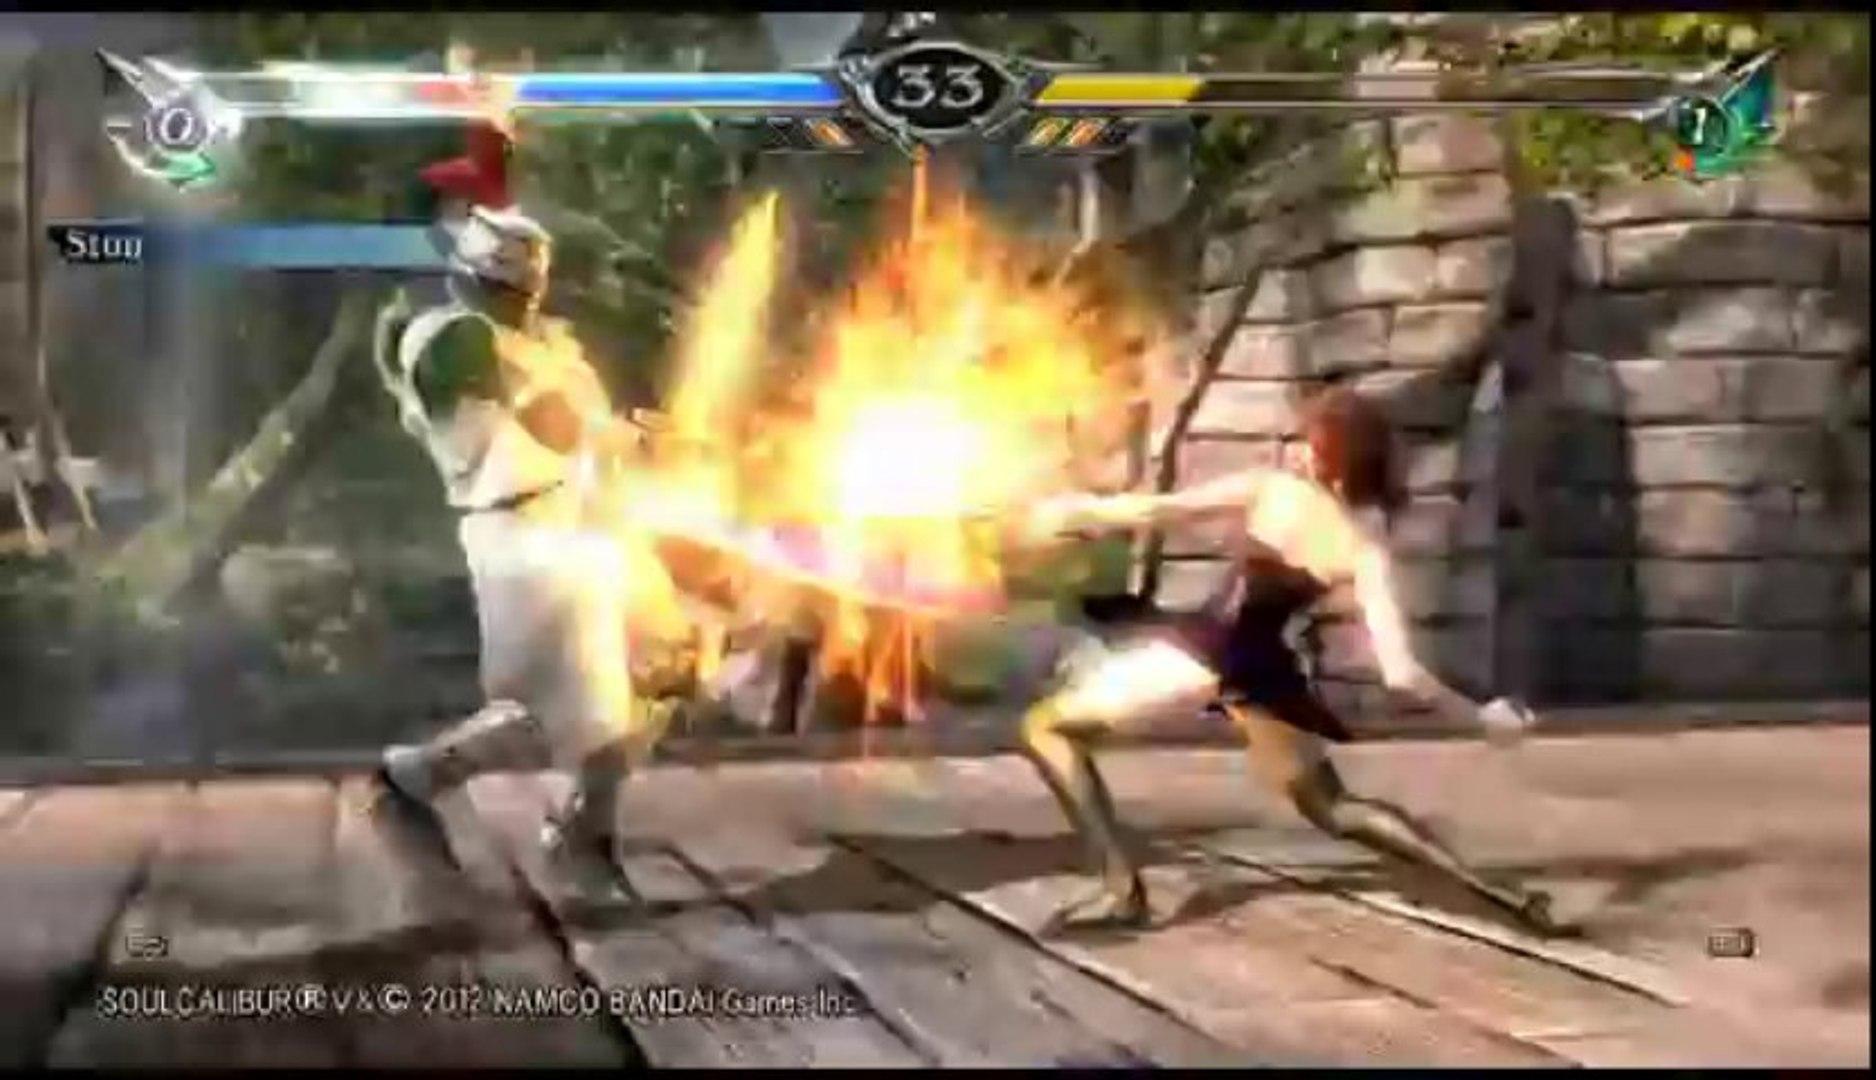 Soul Calibur V | Ranked Online Match - Sunbro Versus Amy